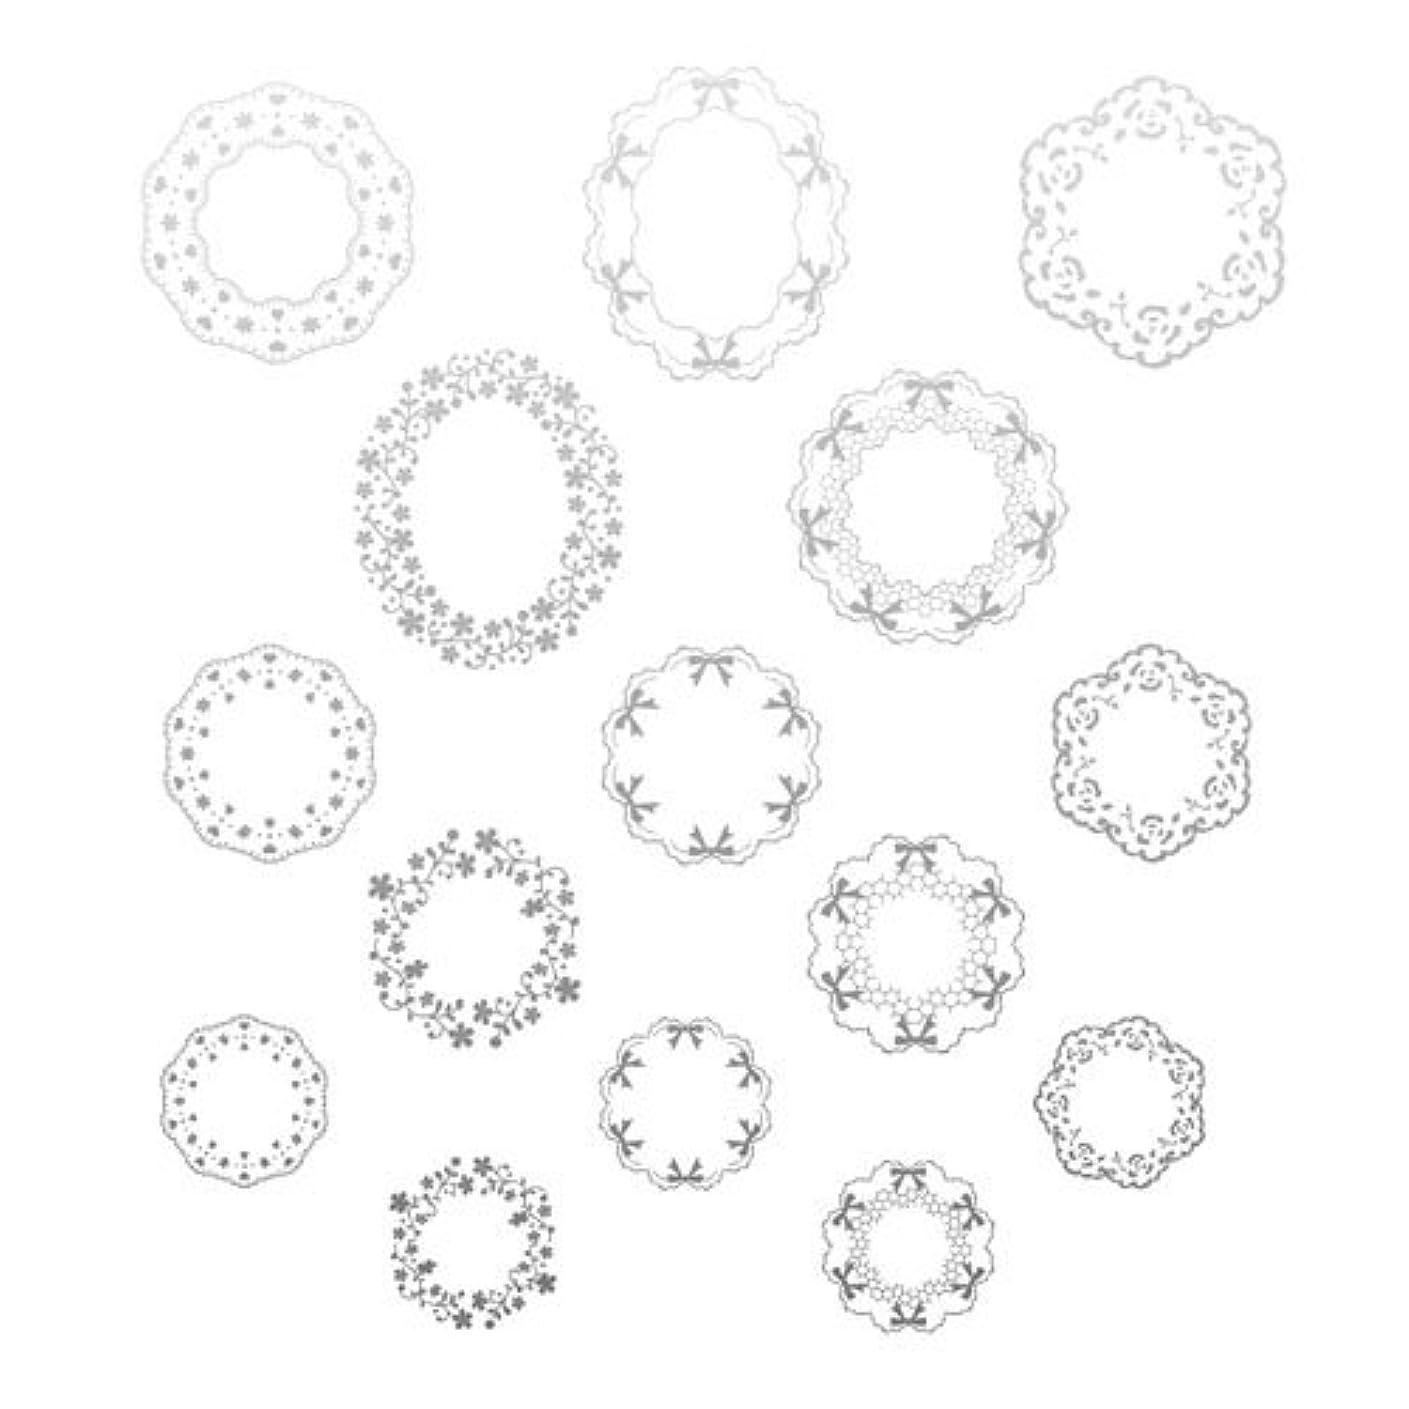 材料とティーム効能あるツメキラ ネイル用シール プレミアム リングレース シルバー